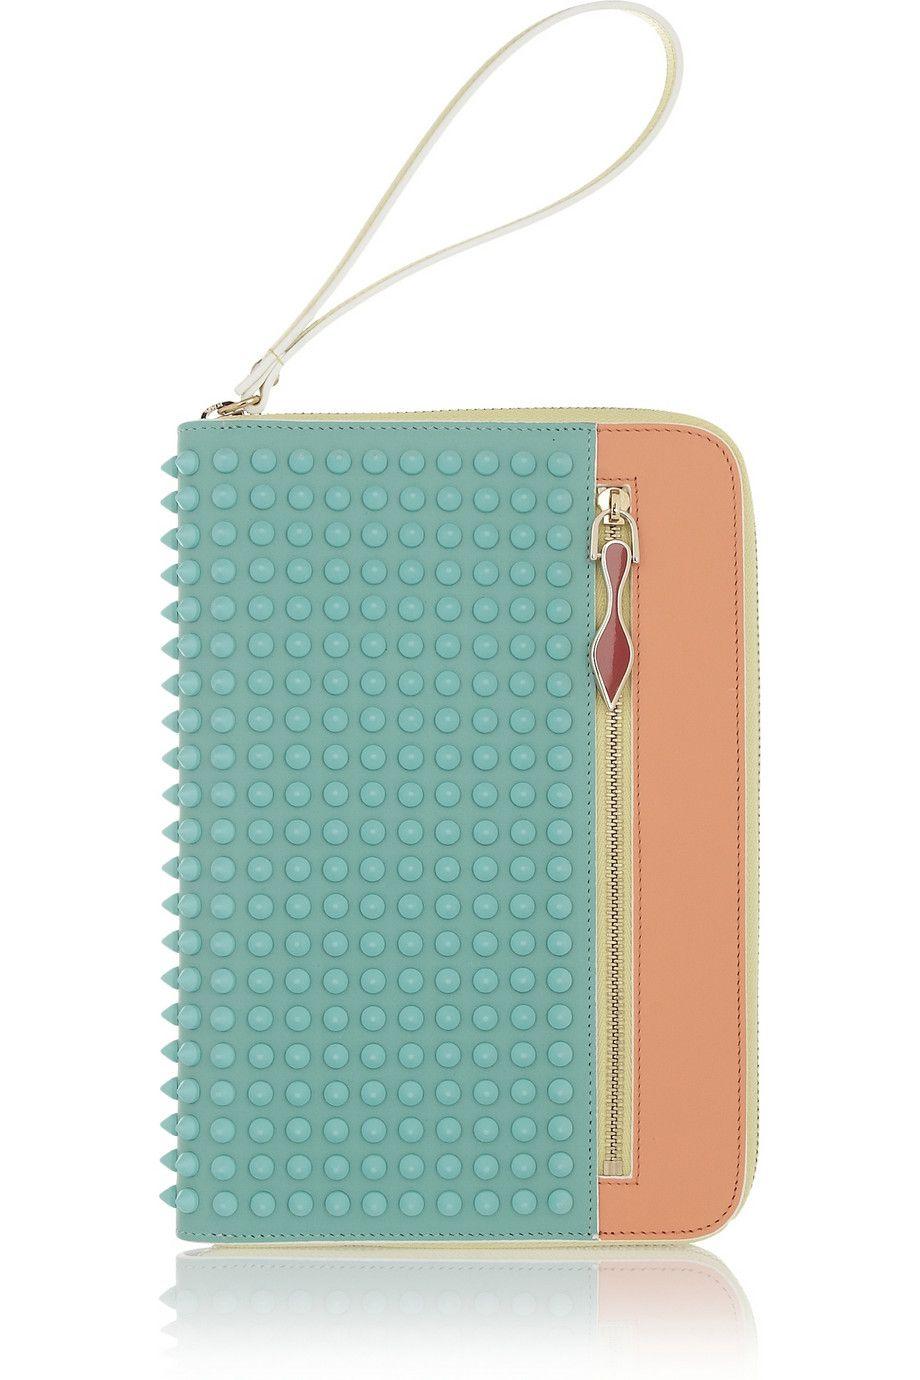 408f7a0ab9f Christian Louboutin | Cris studded leather iPad Mini case | NET-A ...